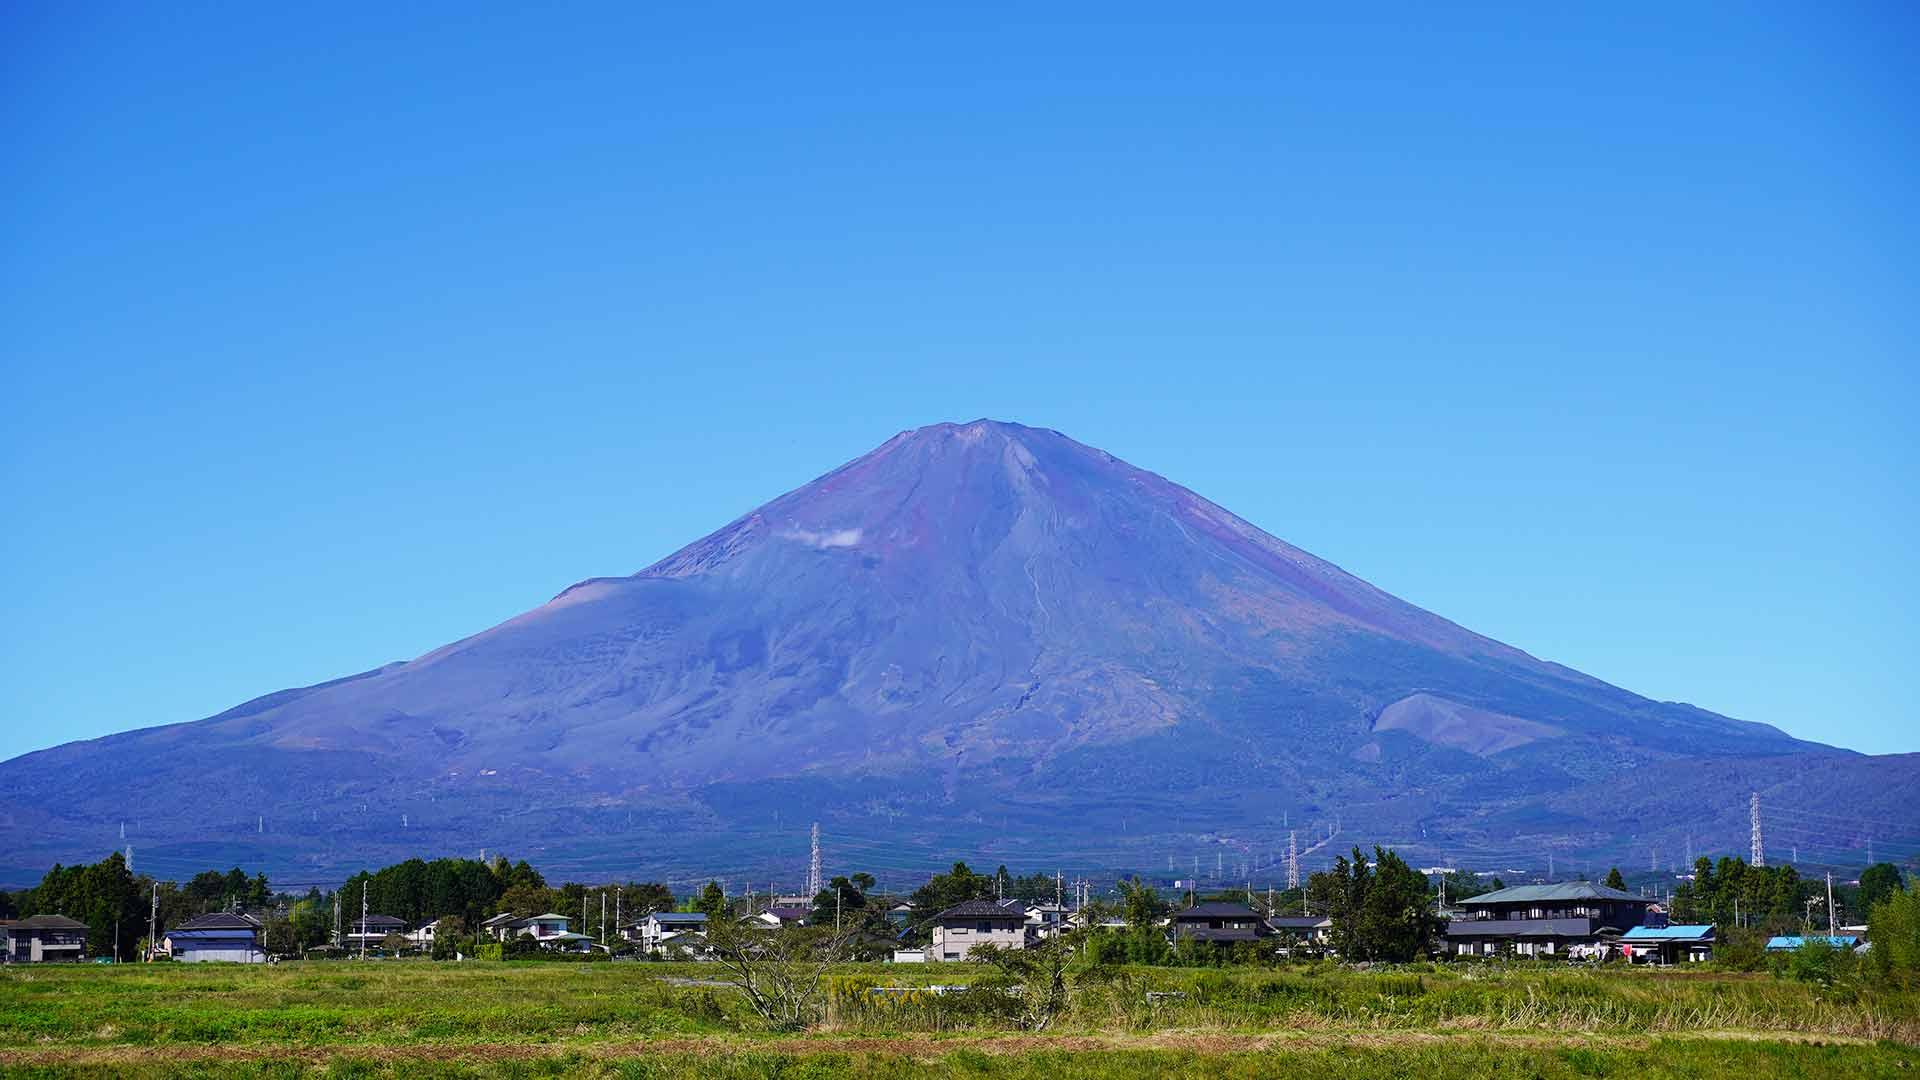 【コースB】カフェ&富士山堪能コース